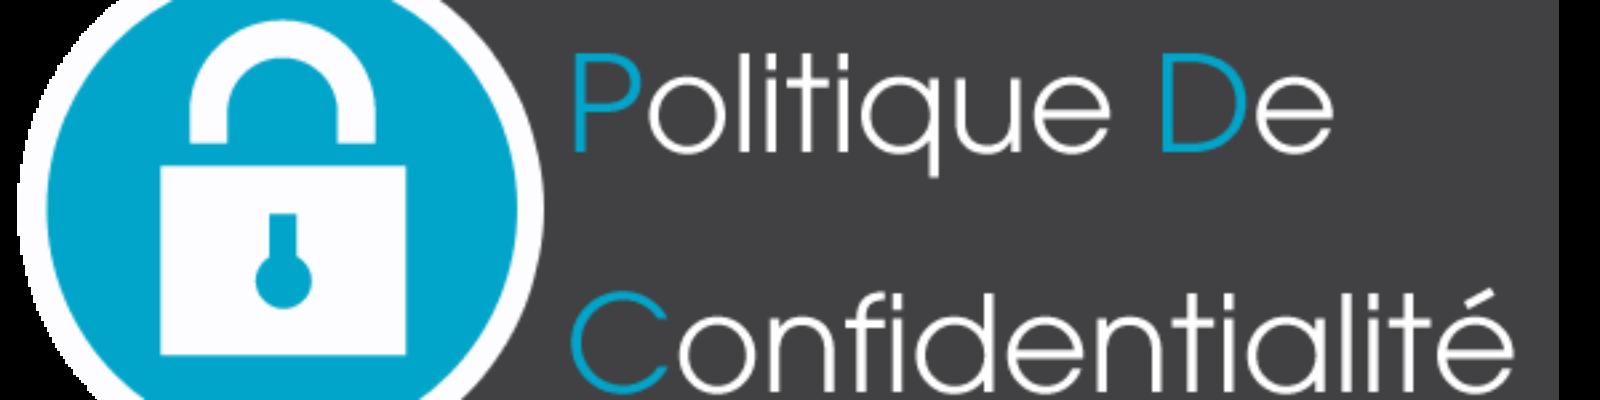 RGPD politique de confidentialité